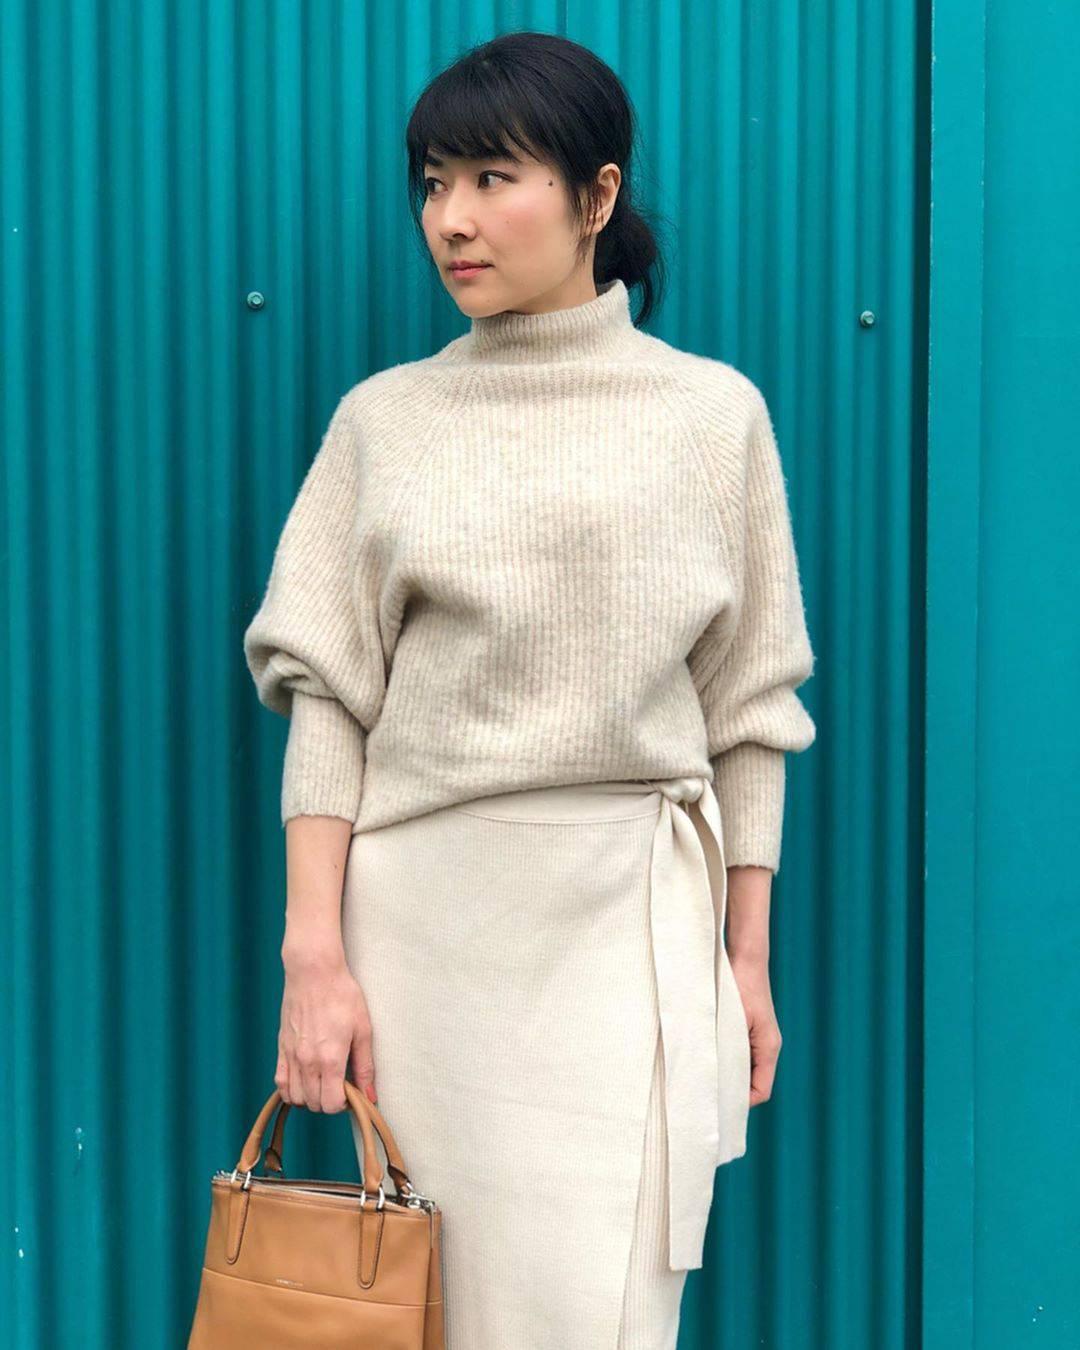 最高気温24度・最低気温16度 i.styleclosetの服装